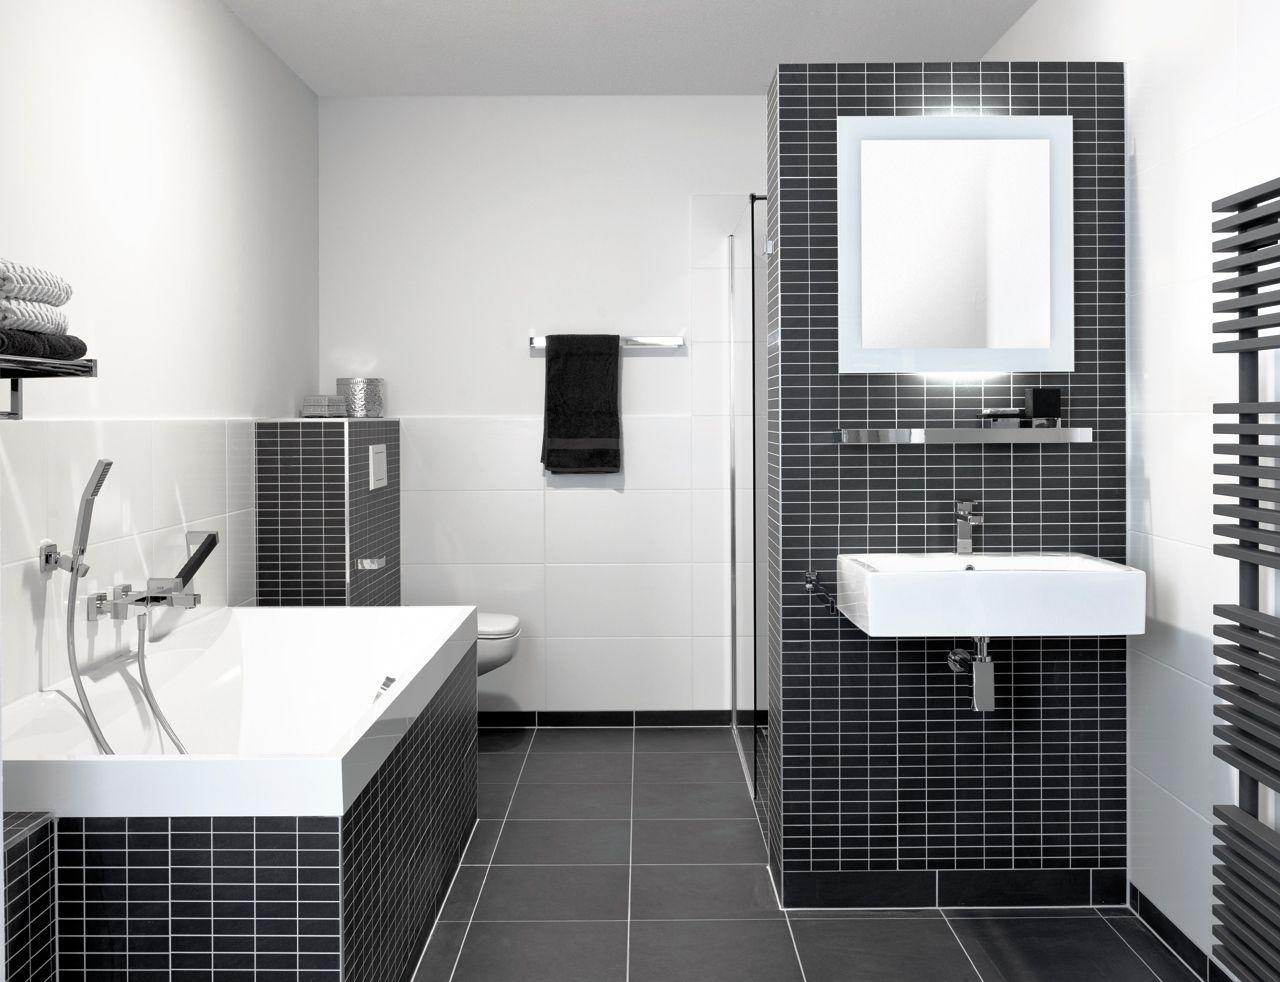 Badkamer Maia bij Grando - badkamer   Pinterest - Badkamer ...